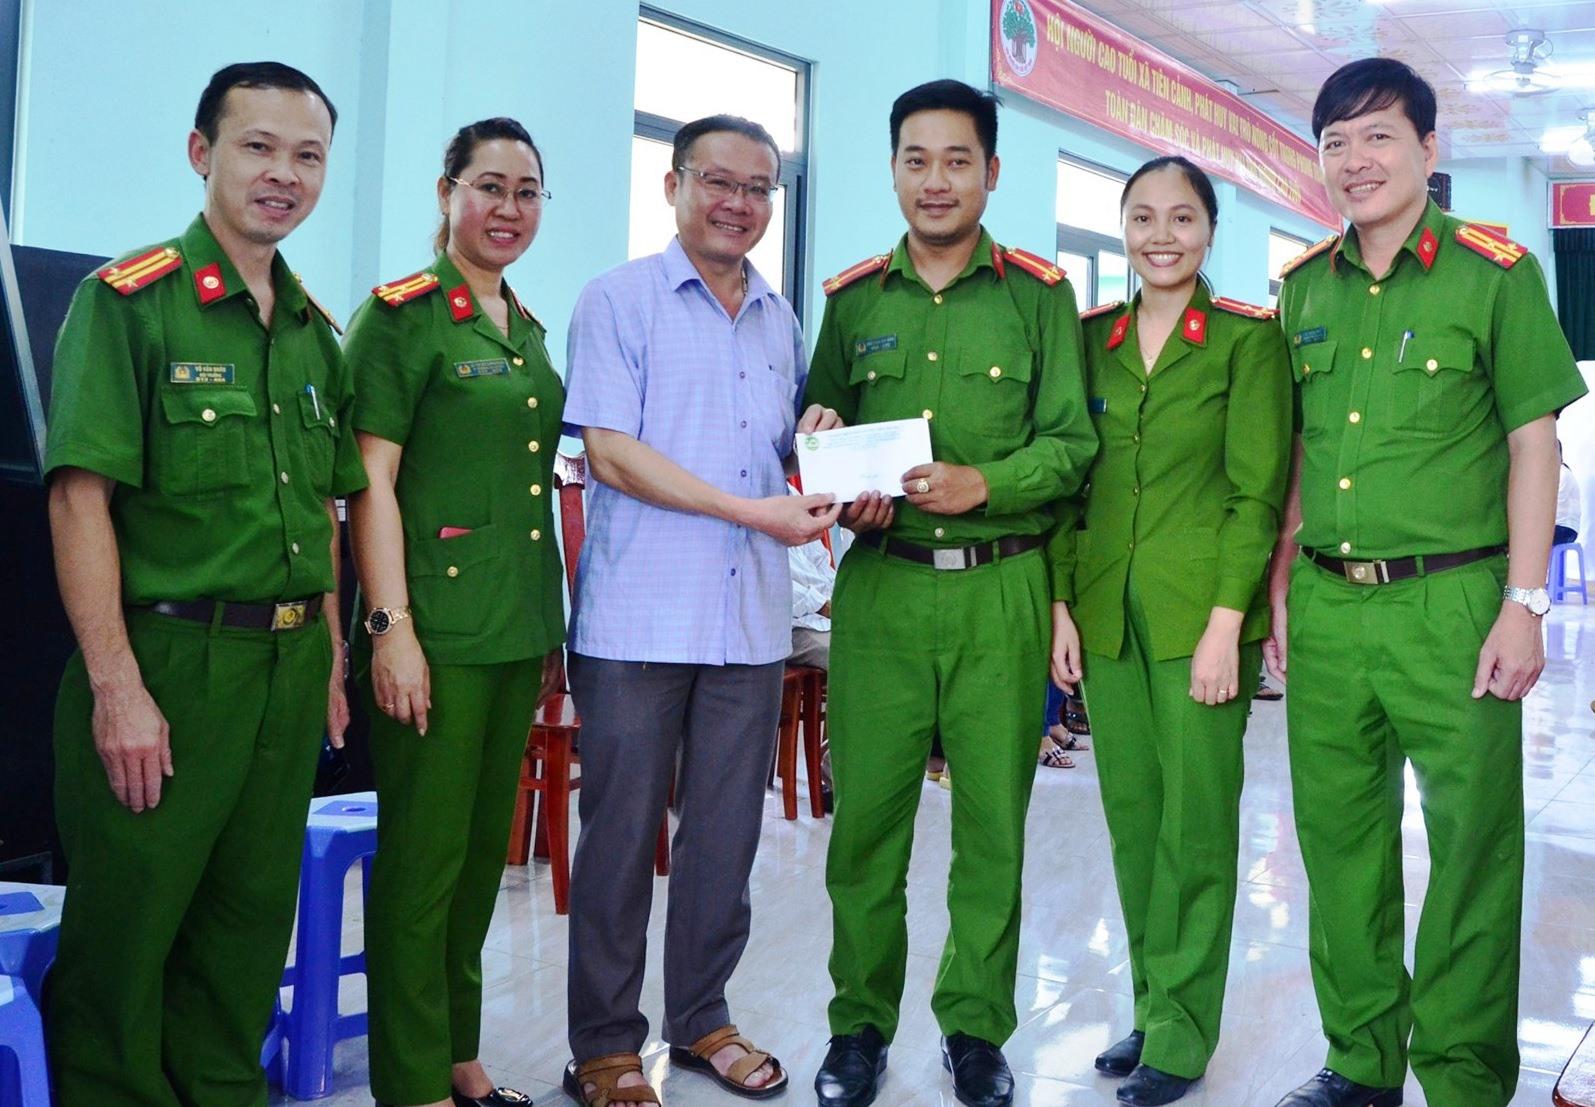 Chủ tịch UBND huyện Tiên Phước Trầm Quế Hương và lãnh đạo công an huyện tặng quà cho cán bộ, chiến sĩ làm CCCD tại xã Tiên Cảnh.